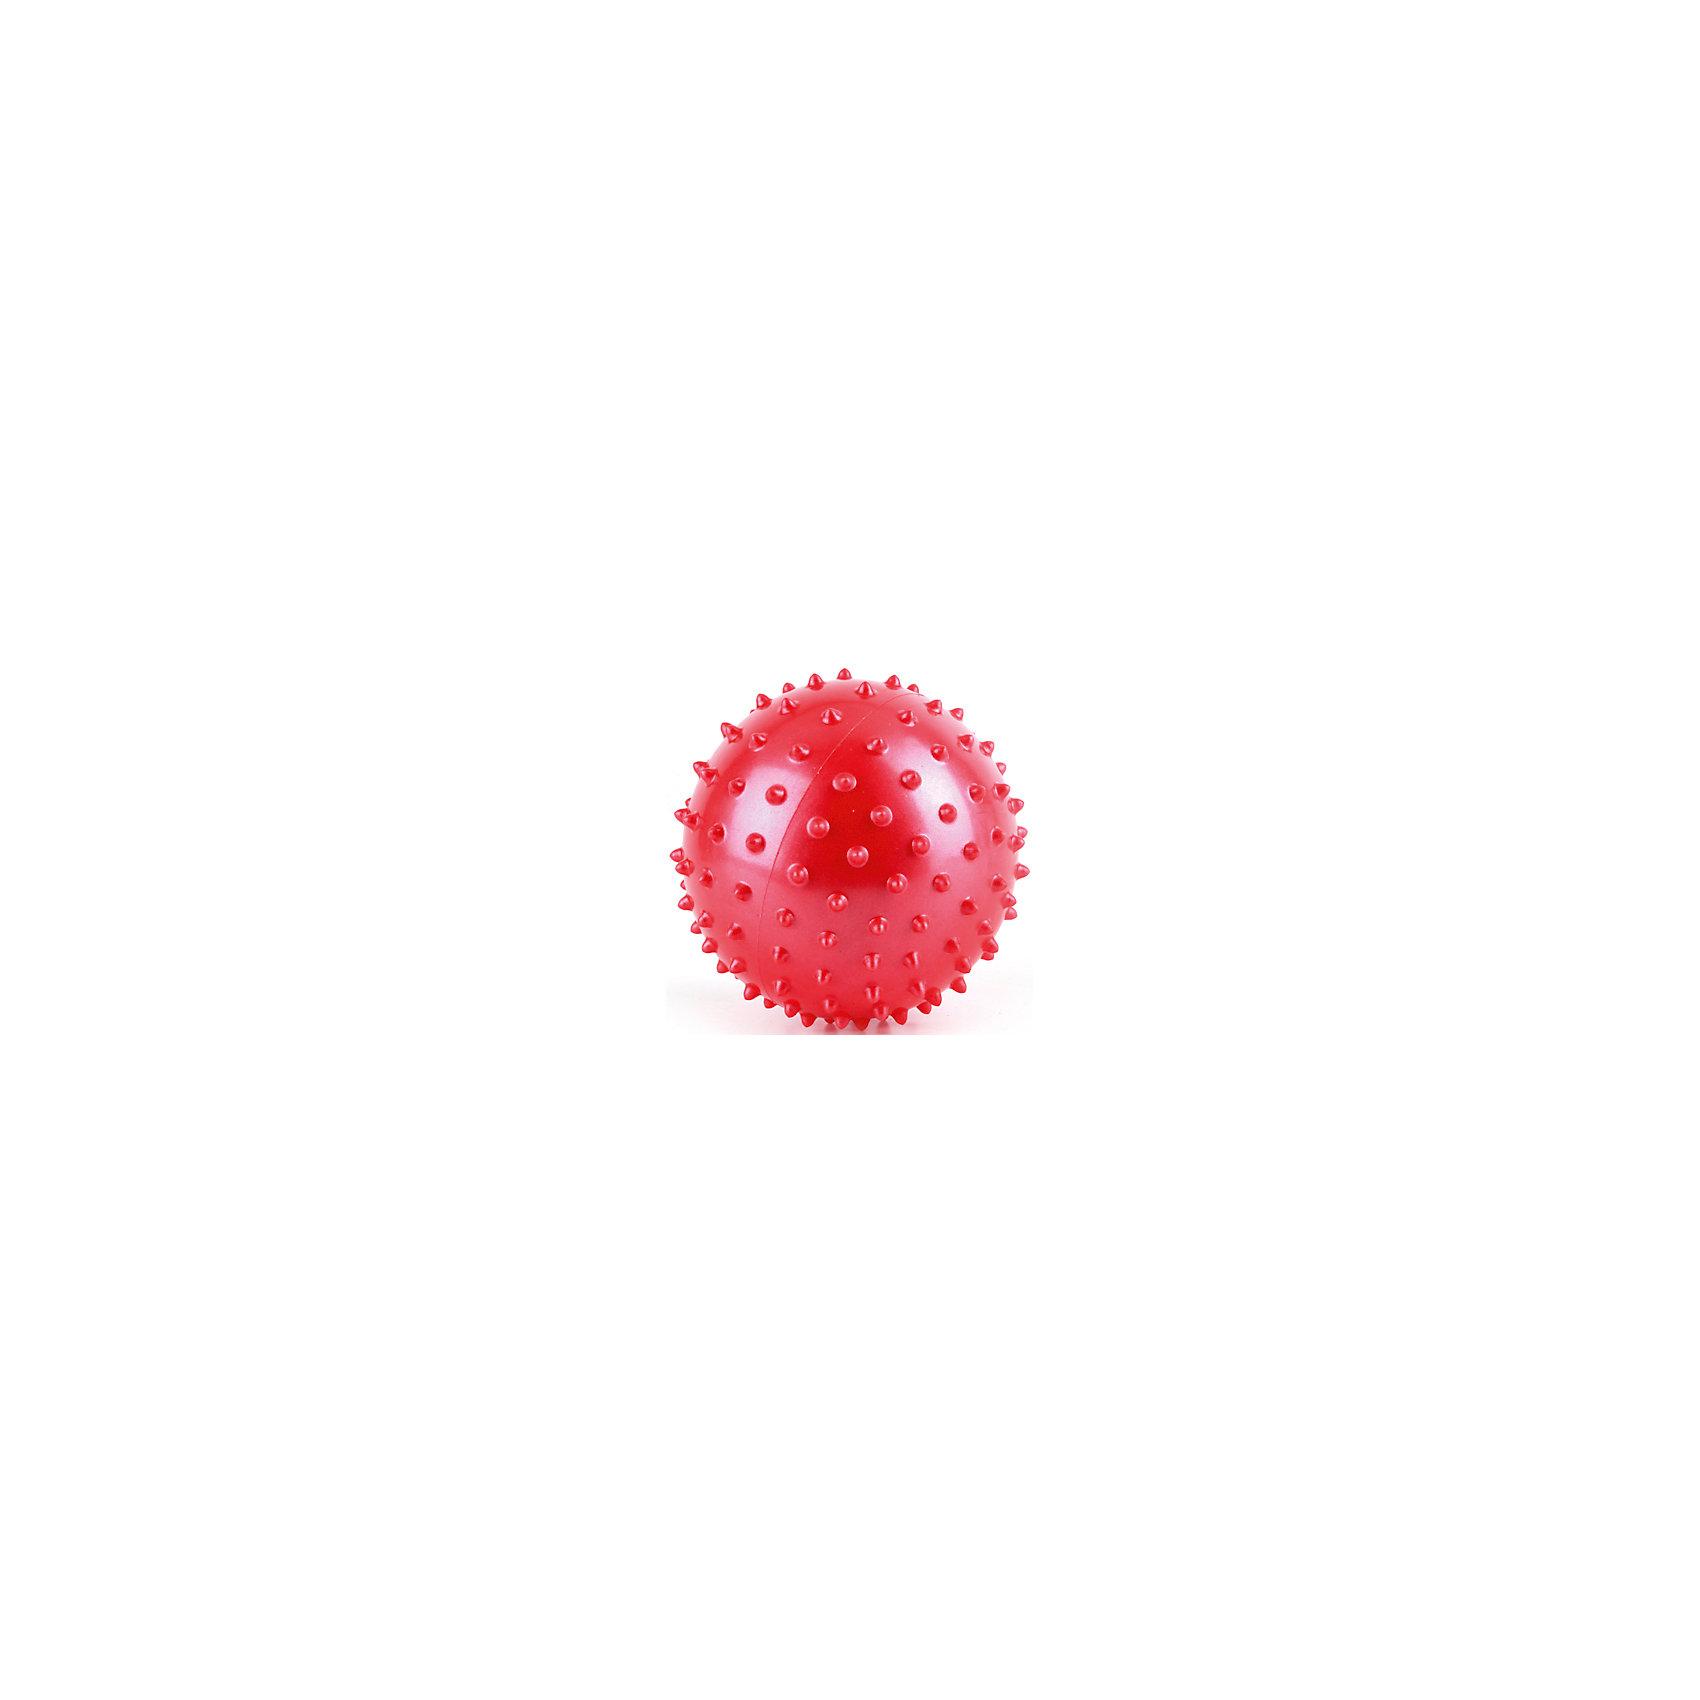 Мяч Массажный, 9 см, Играем вместе, в ассортиментеМячи детские<br>Яркий массажный мячик обязательно понравится ребенку. Игрушка выполнена из высококачественных материалов, в производстве которых использованы только нетоксичные, безопасные для детей красители. Мячик имеет небольшой размер идеально подходящий для детских рук, поверхность игрушки покрыта неострыми фактурными шипами, играя ребенок будет тренировать мелкую моторику, тактильные ощущения, а также внимание и меткость. <br><br>Дополнительная информация:<br><br>- Материал: ПВХ.<br>- Размер d - 9 см.<br>- Цвет в ассортименте.<br>ВНИМАНИЕ! Данный артикул представлен в разных вариантах исполнения. К сожалению, заранее выбрать определенный вариант невозможно. При заказе нескольких мячей возможно получение одинаковых.<br><br>Мяч Массажный, 9 см, Играем вместе, в ассортименте, можно купить в нашем магазине.<br><br>Ширина мм: 720<br>Глубина мм: 540<br>Высота мм: 540<br>Вес г: 40<br>Возраст от месяцев: 0<br>Возраст до месяцев: 1188<br>Пол: Унисекс<br>Возраст: Детский<br>SKU: 4616836